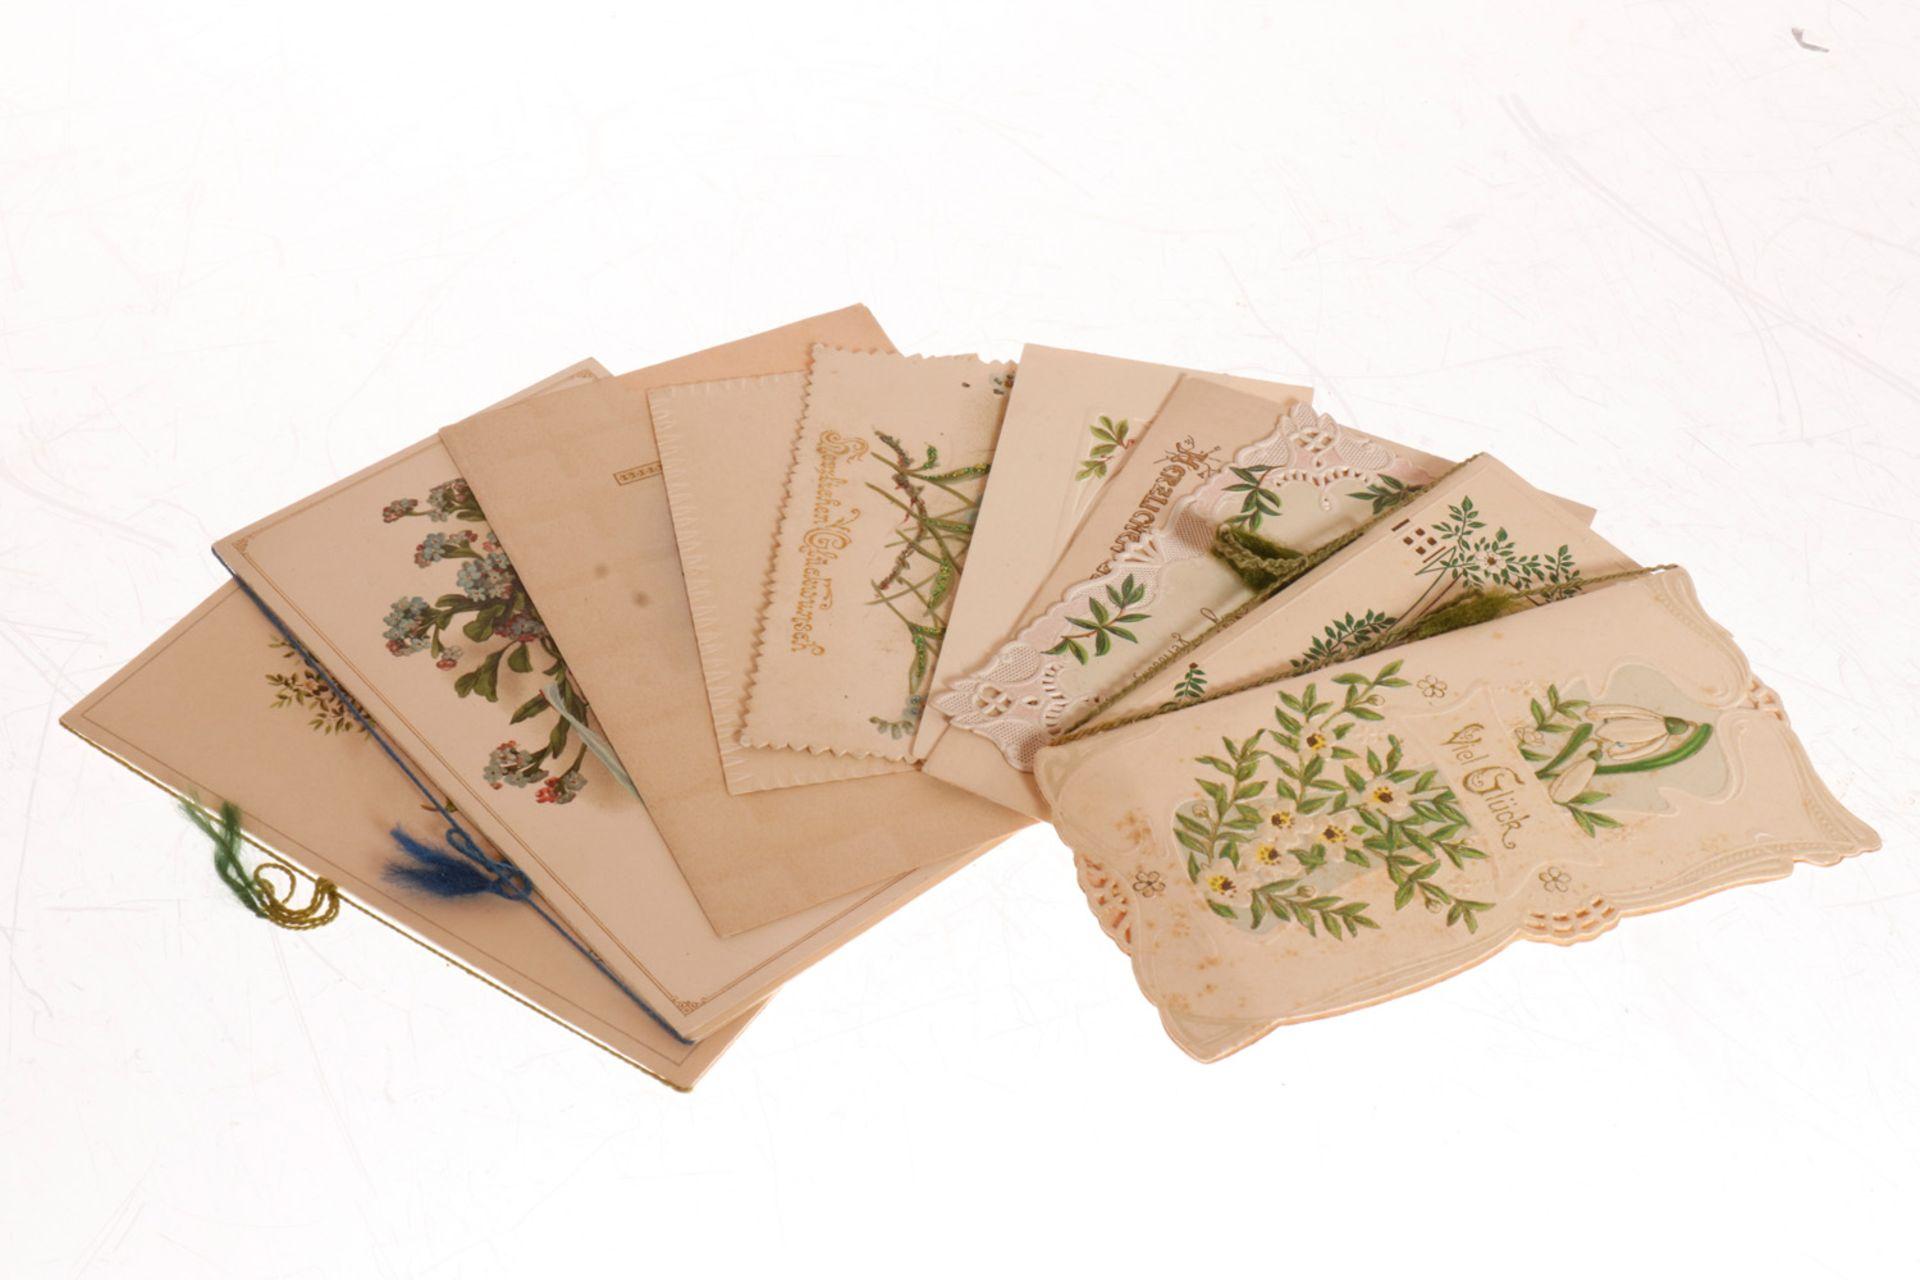 Konv. 10 Glückwunschkarten, meist um 1900/1910, darunter Jugendstil, tw geprägt und gestanzt,